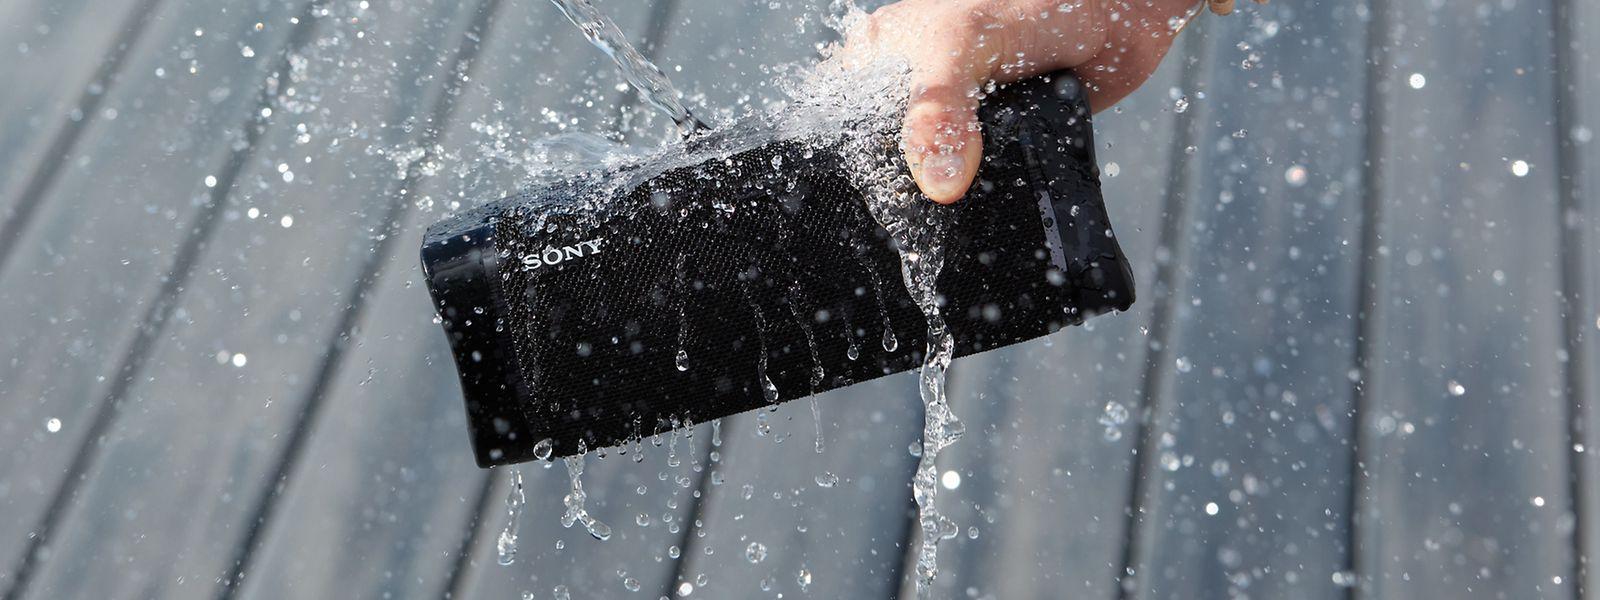 Wasser marsch! Eine kleine Dusche versetzt den Lautsprecher nicht in Schockstarre.